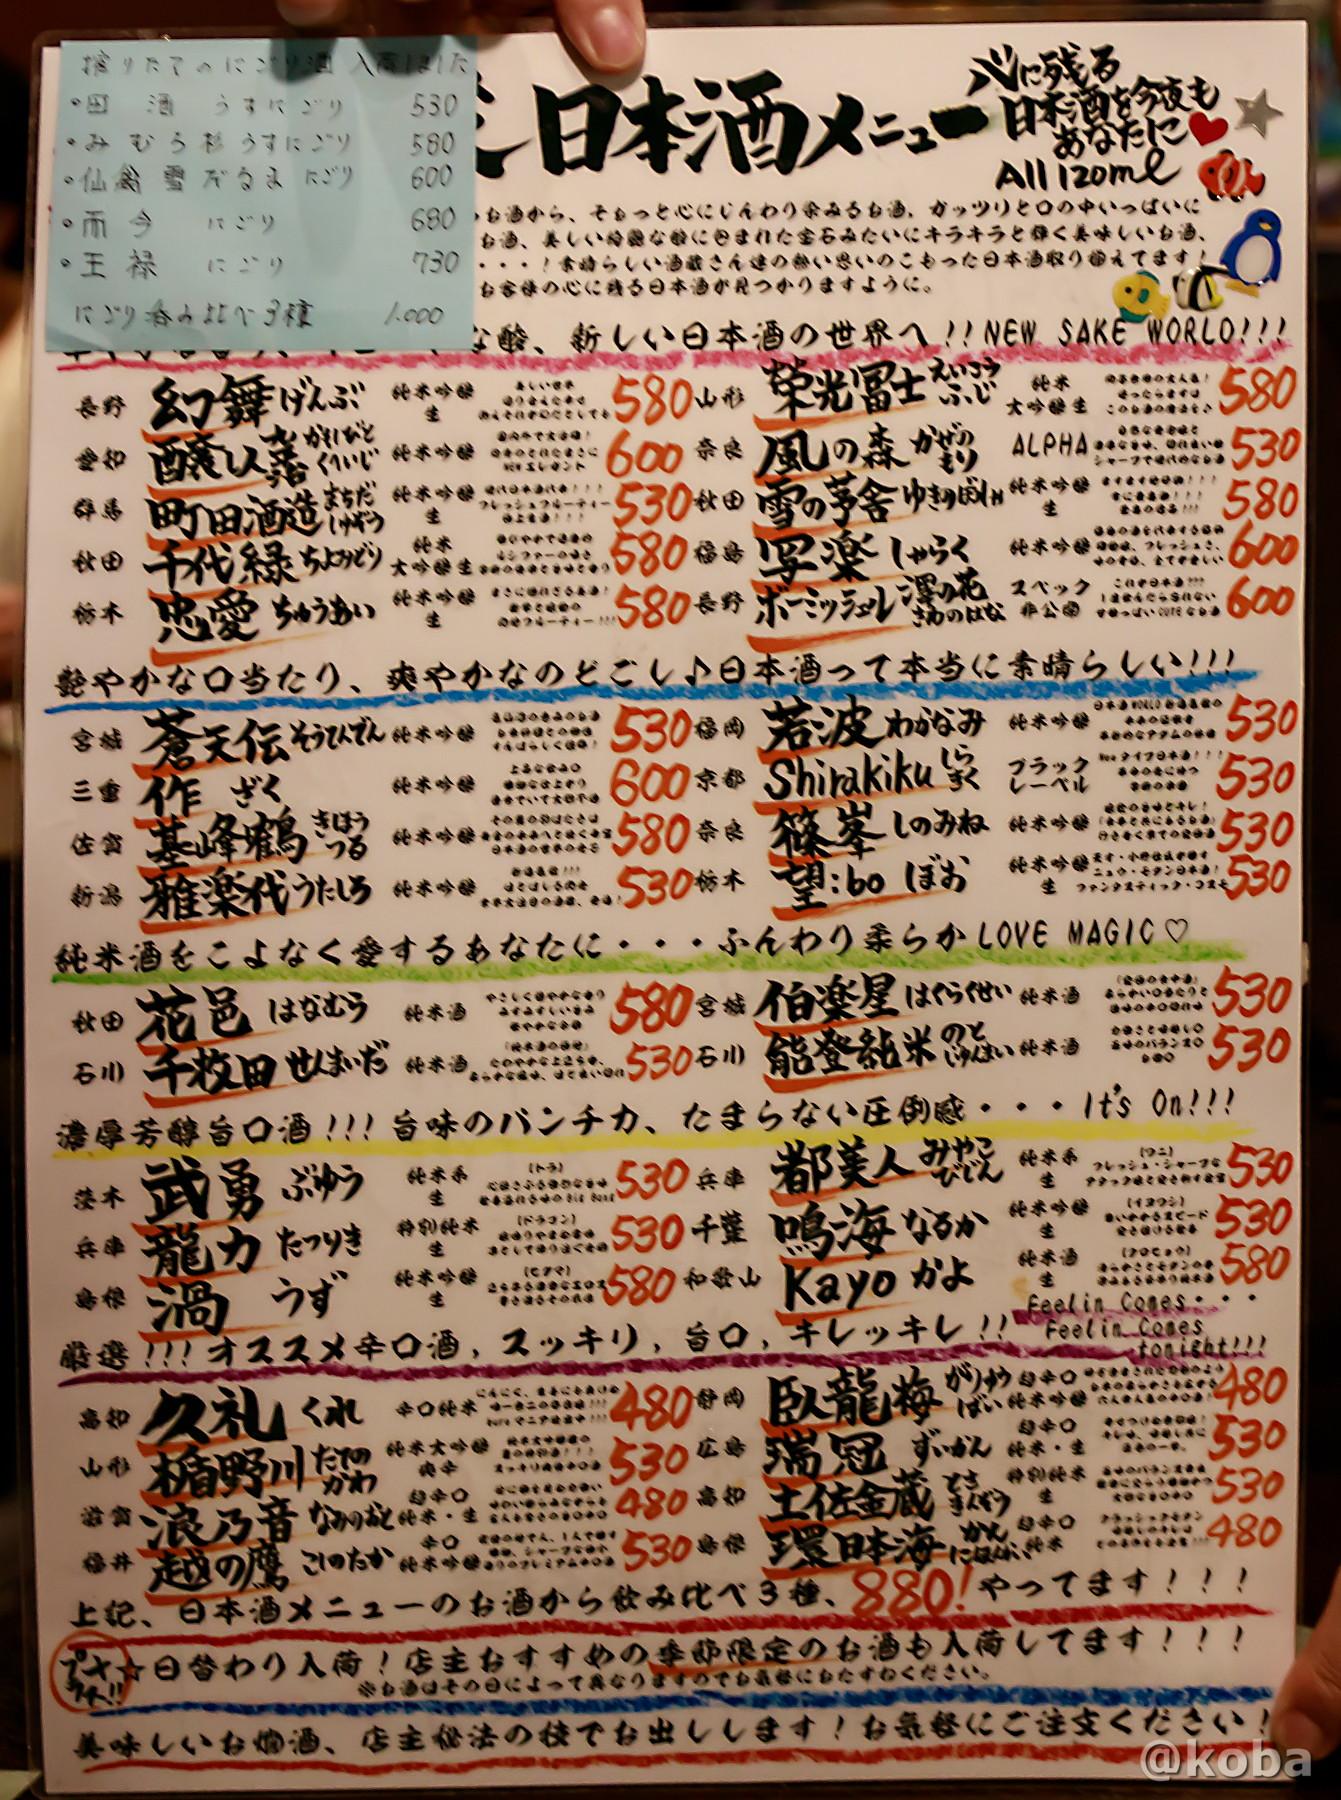 日本酒メニューの写真|六人衆(ろくにんしゅう) ROKUNIN SYU 日本酒 居酒屋|東京都江戸川区・小岩